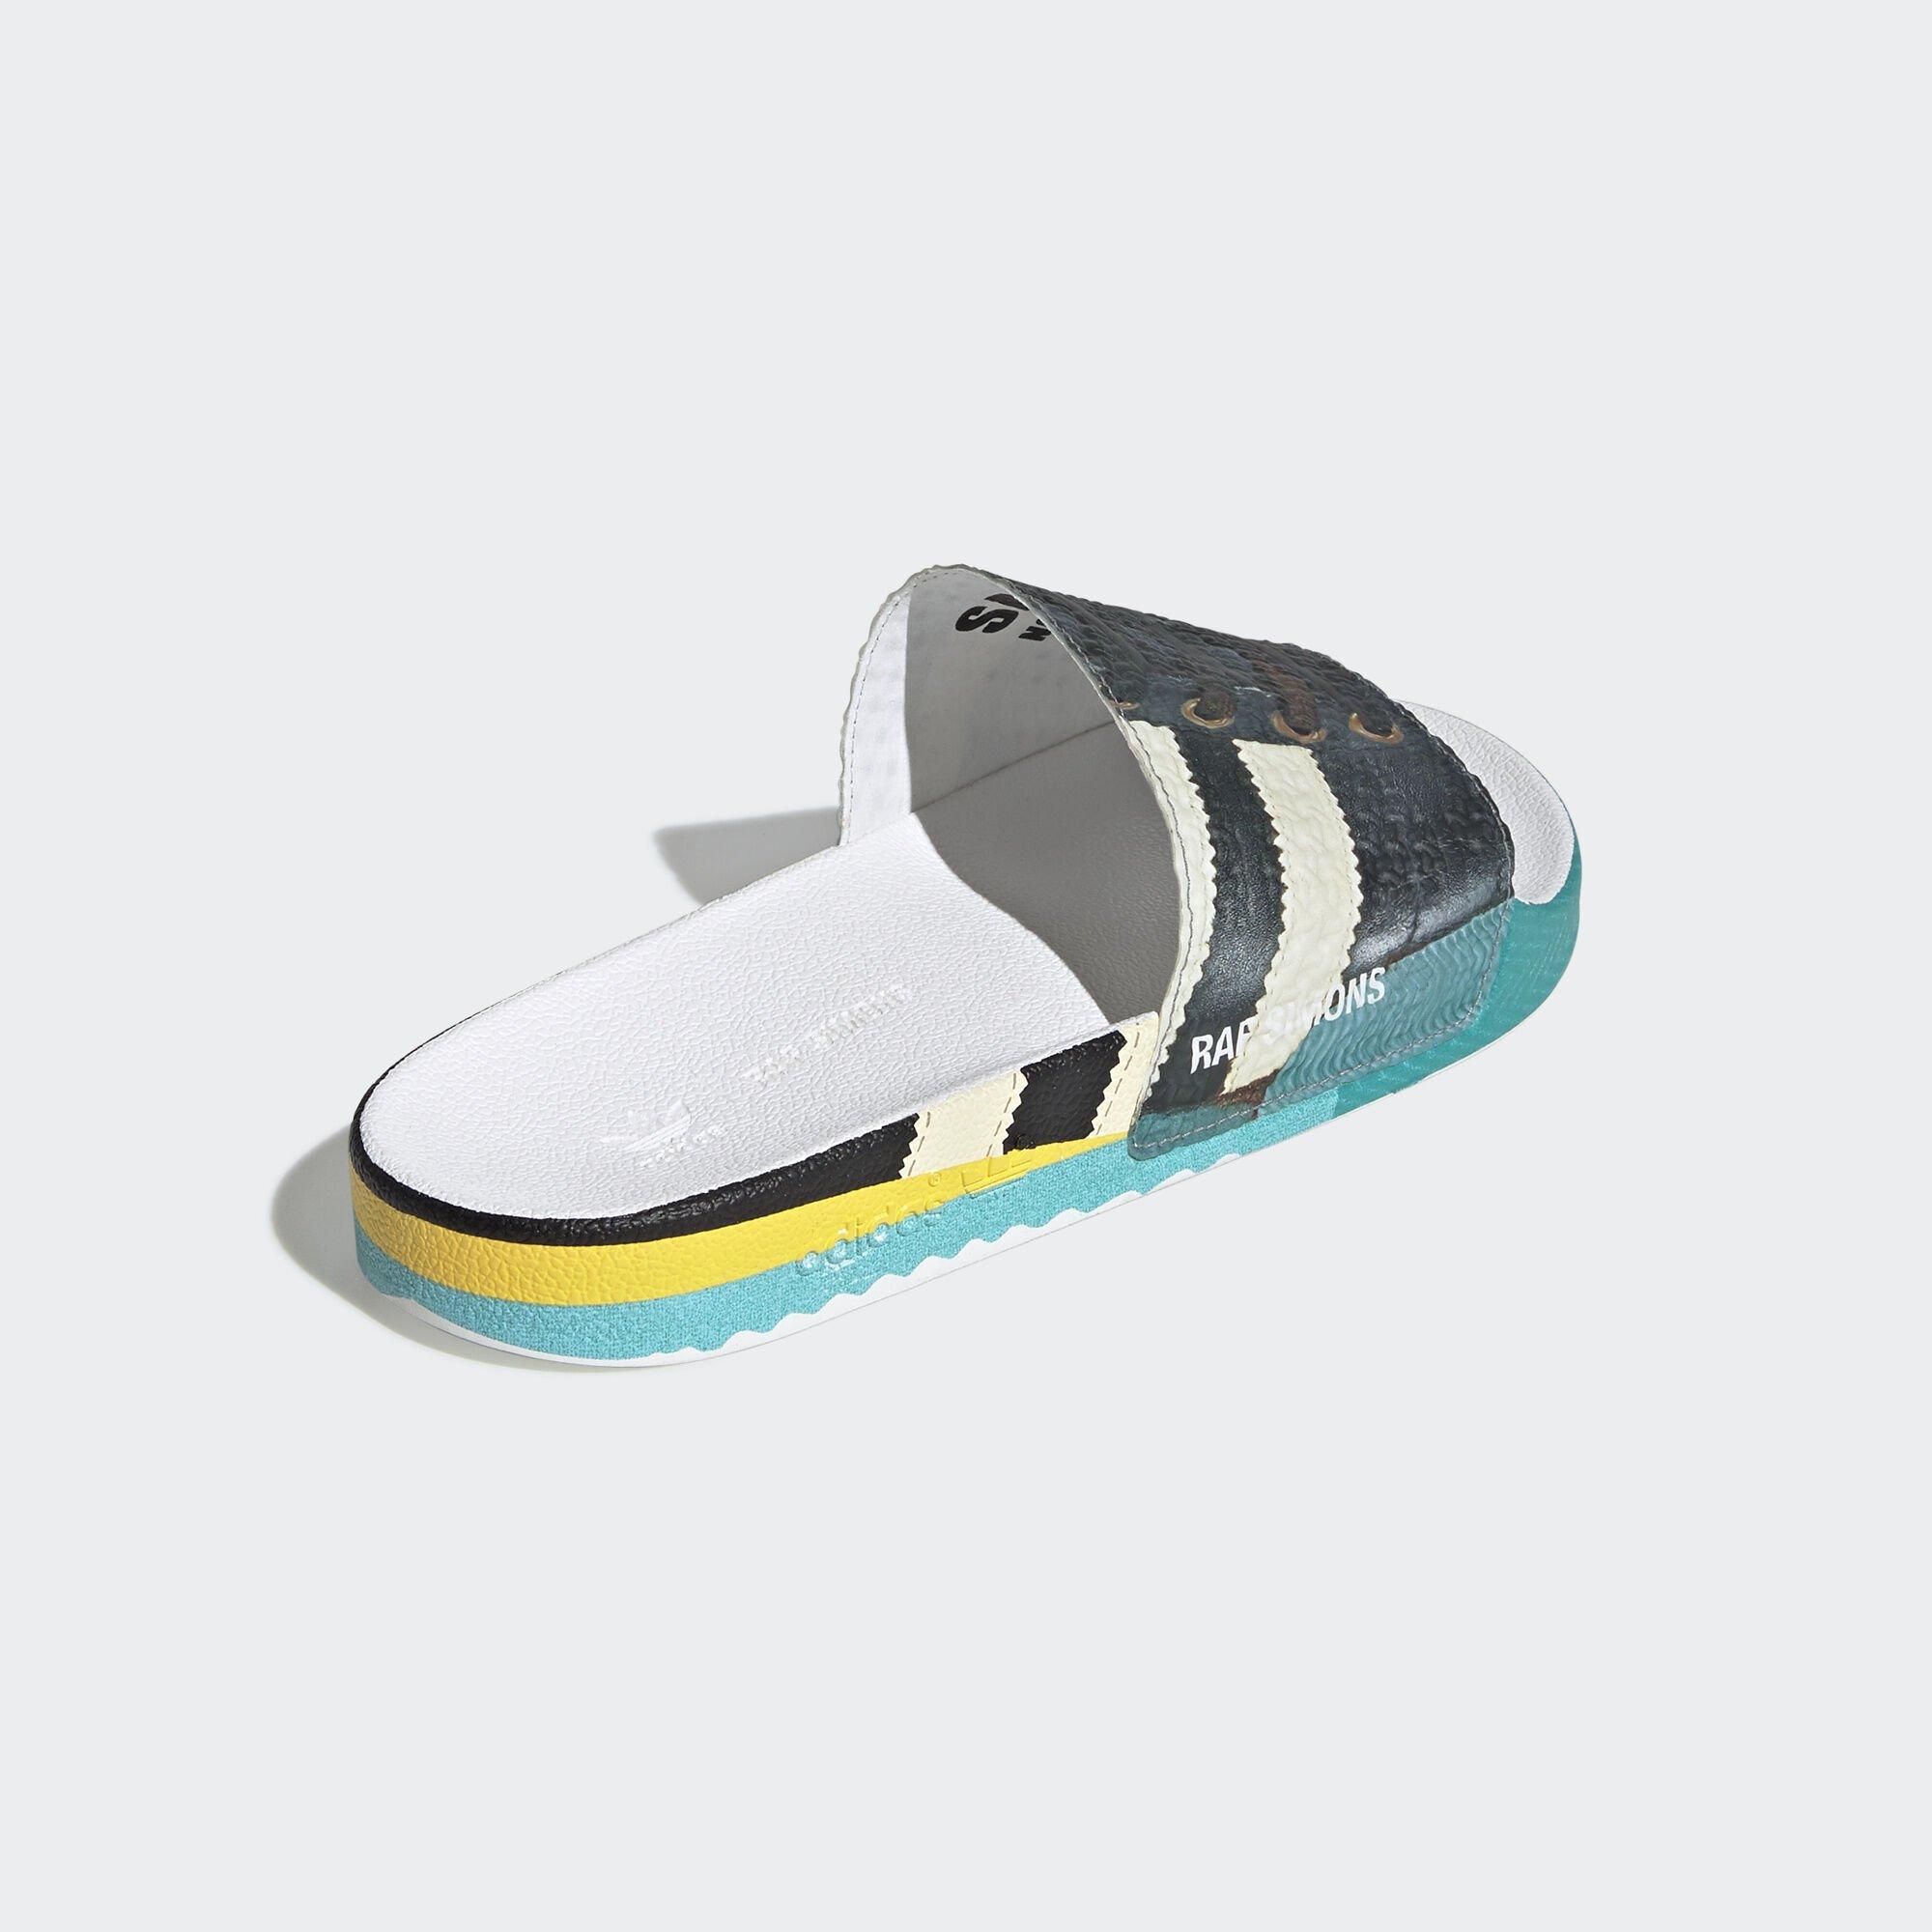 adidas Samba Adilette Raf Simons (EE7959)